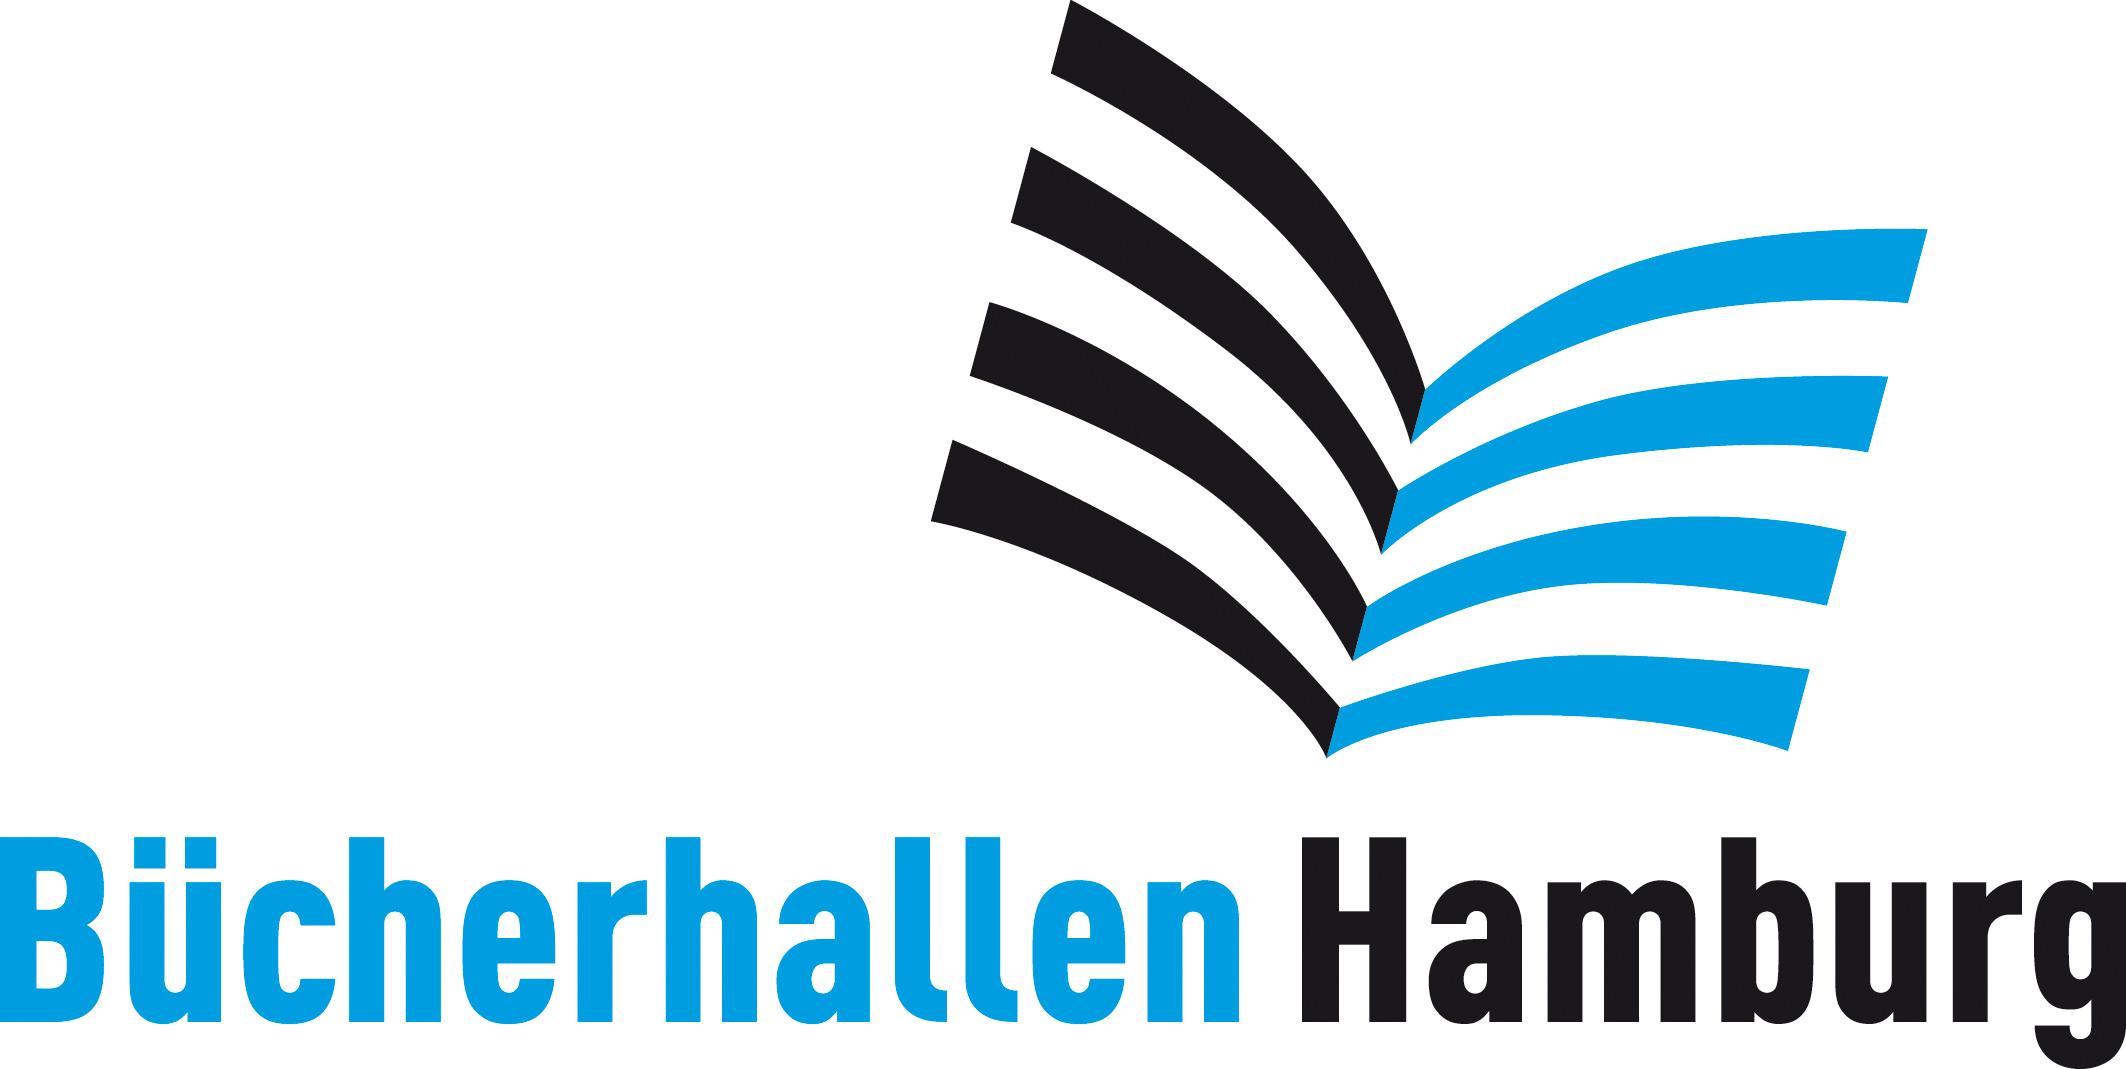 https://daten2.verwaltungsportal.de/dateien/seitengenerator/2187408dfae8592cdf887ddce6b02acd211665/logo_buecherhalle.jpg